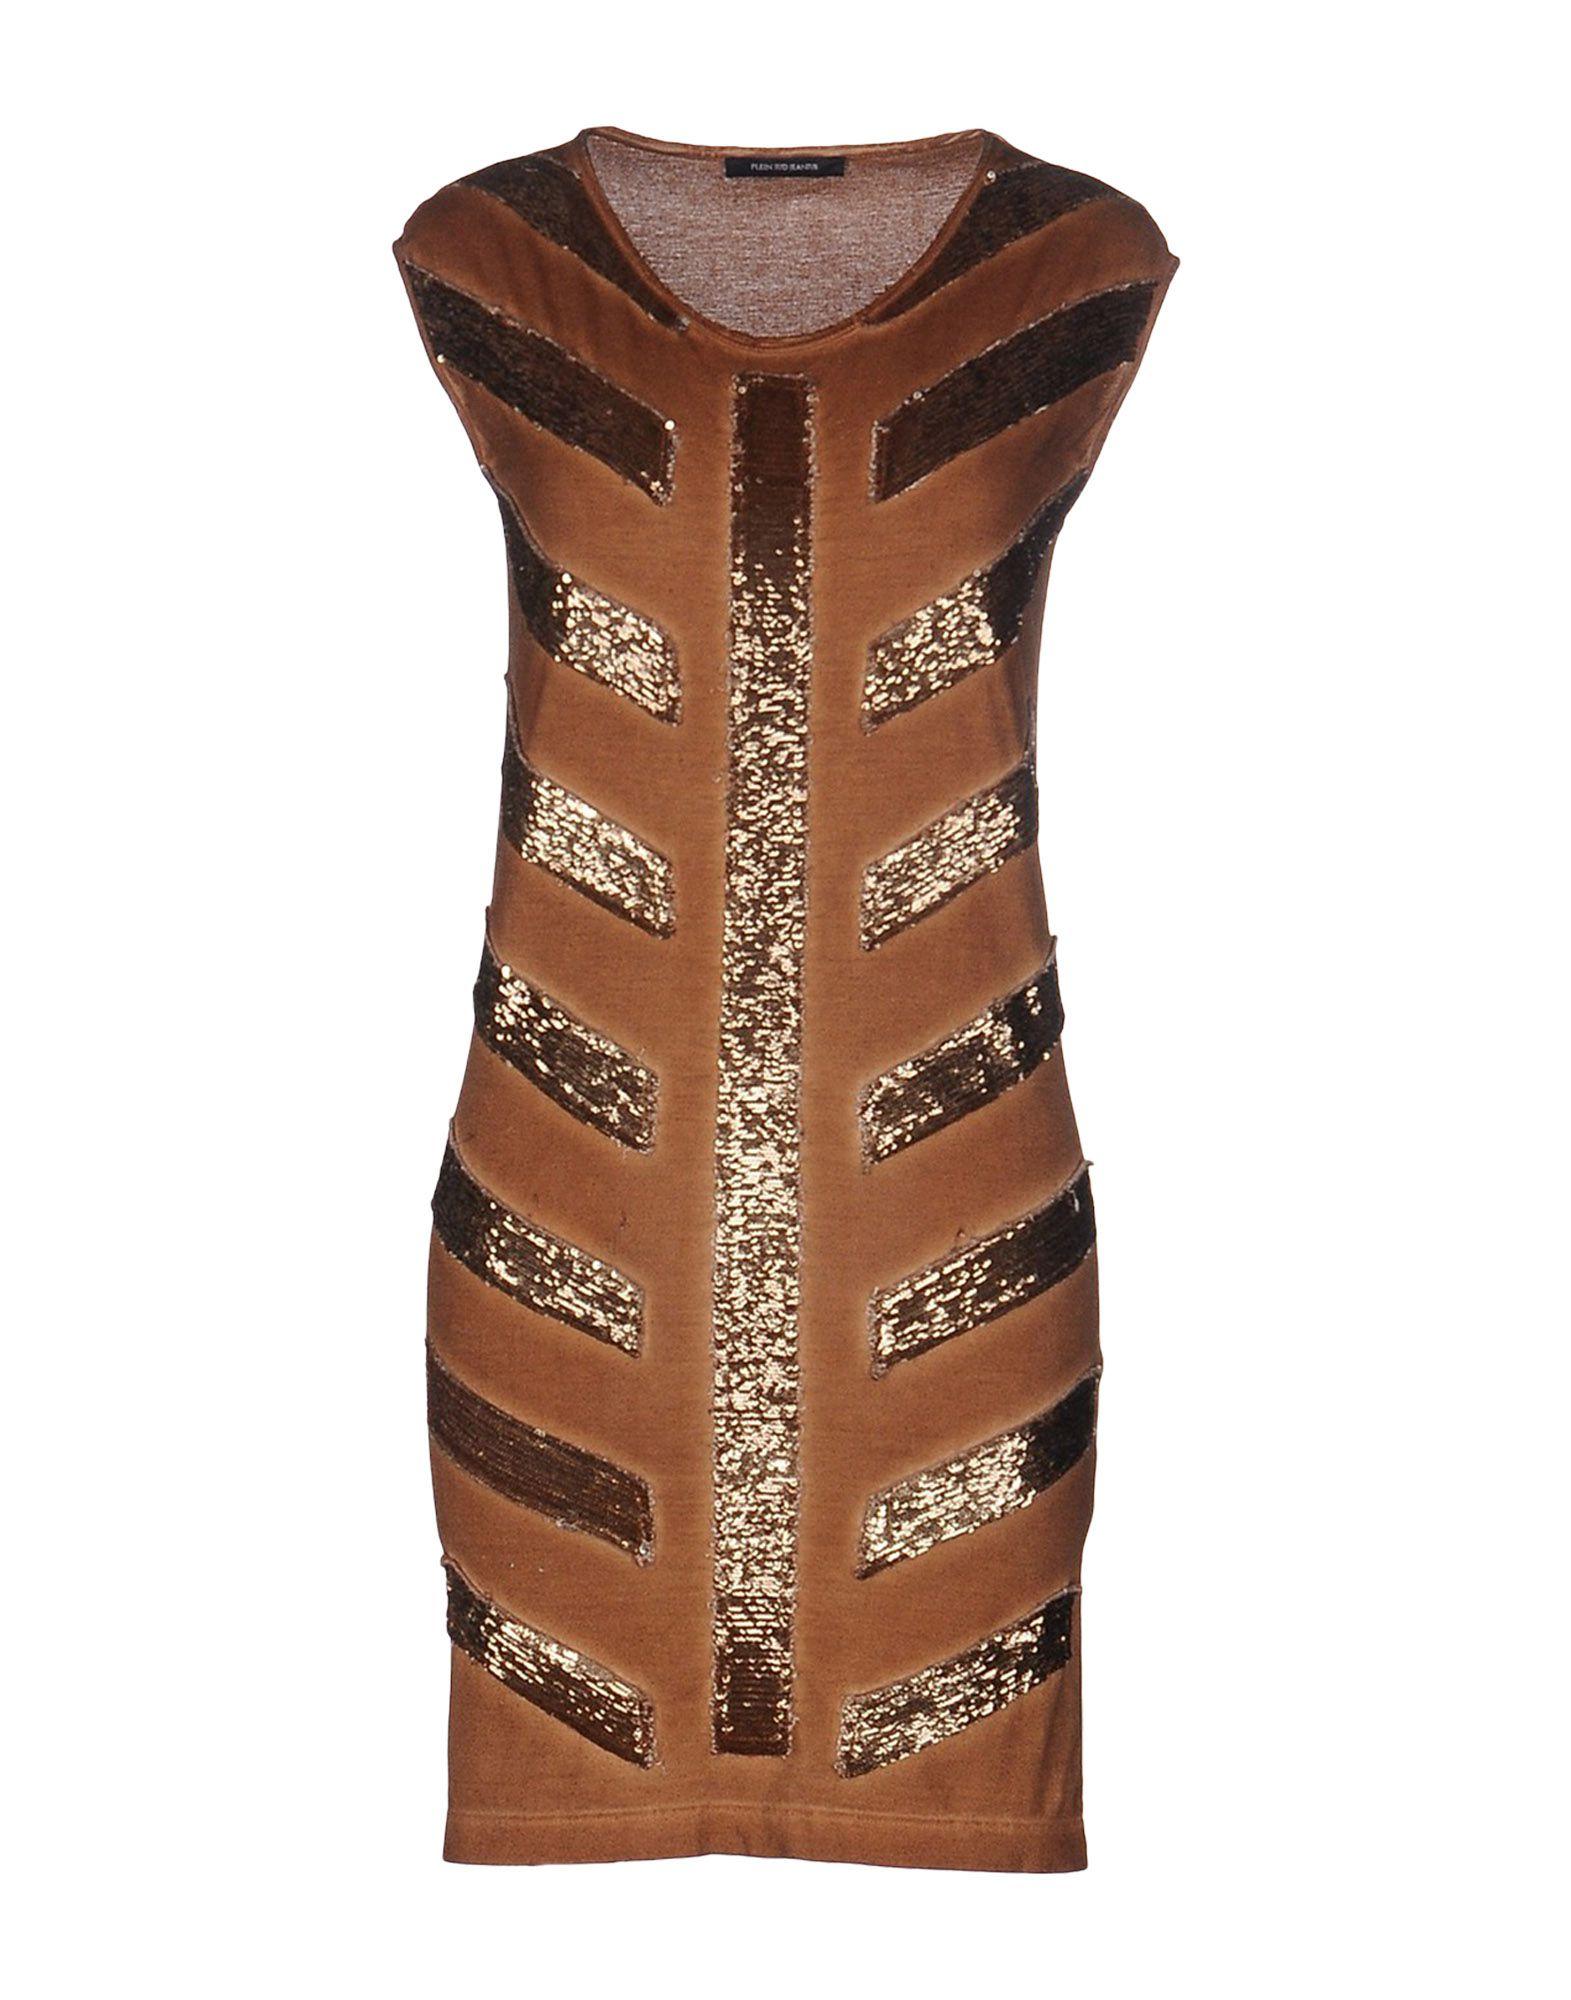 цены на PLEIN SUD JEANIUS Короткое платье в интернет-магазинах